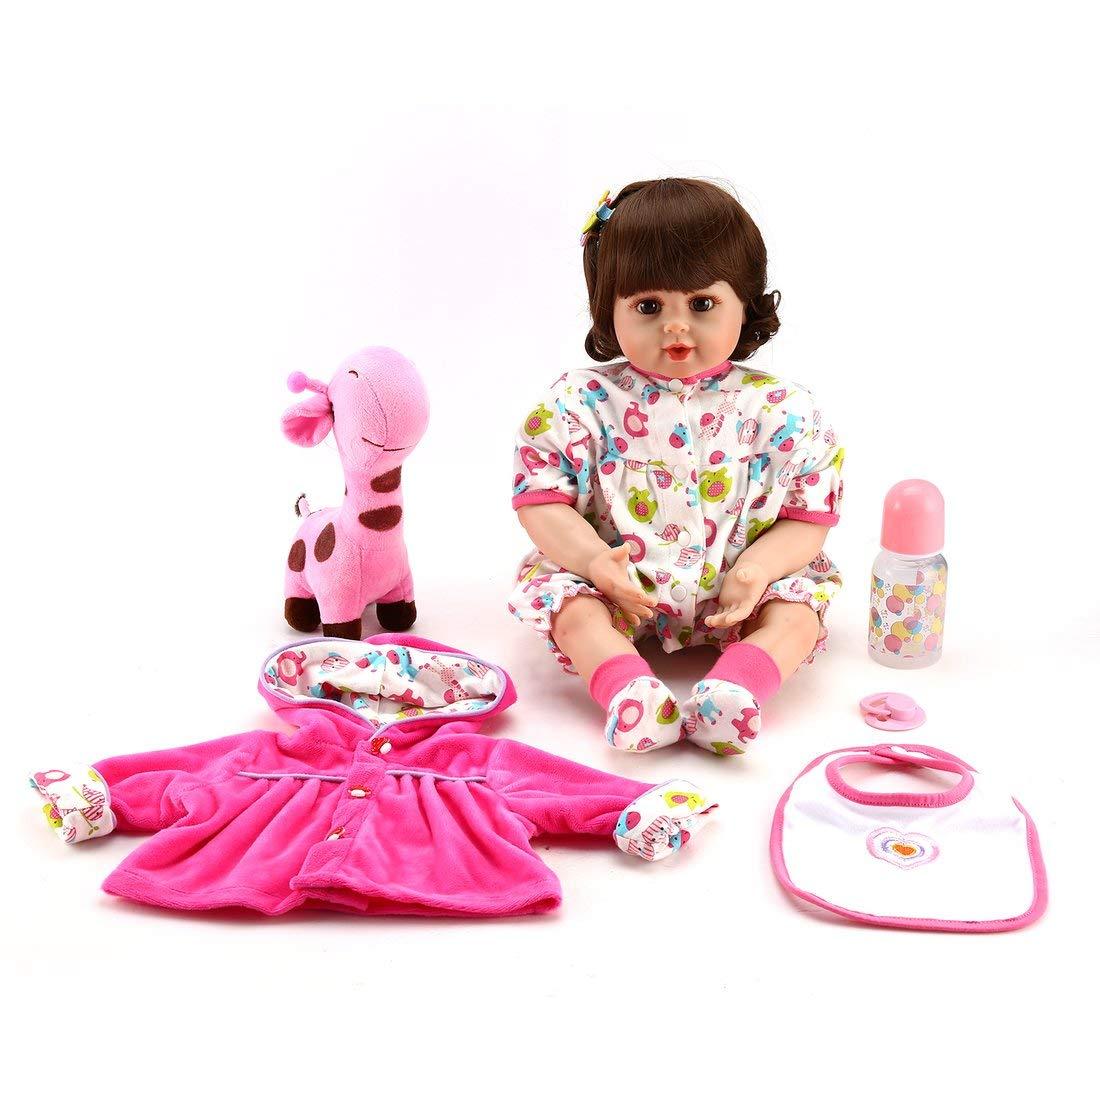 Formulaone 55cm de Silicona muñeca con Jirafa de Peluche de Juguete Precioso imitación de bebé Divertido Juego de casa de Juguete niños Regalo de cumpleaños